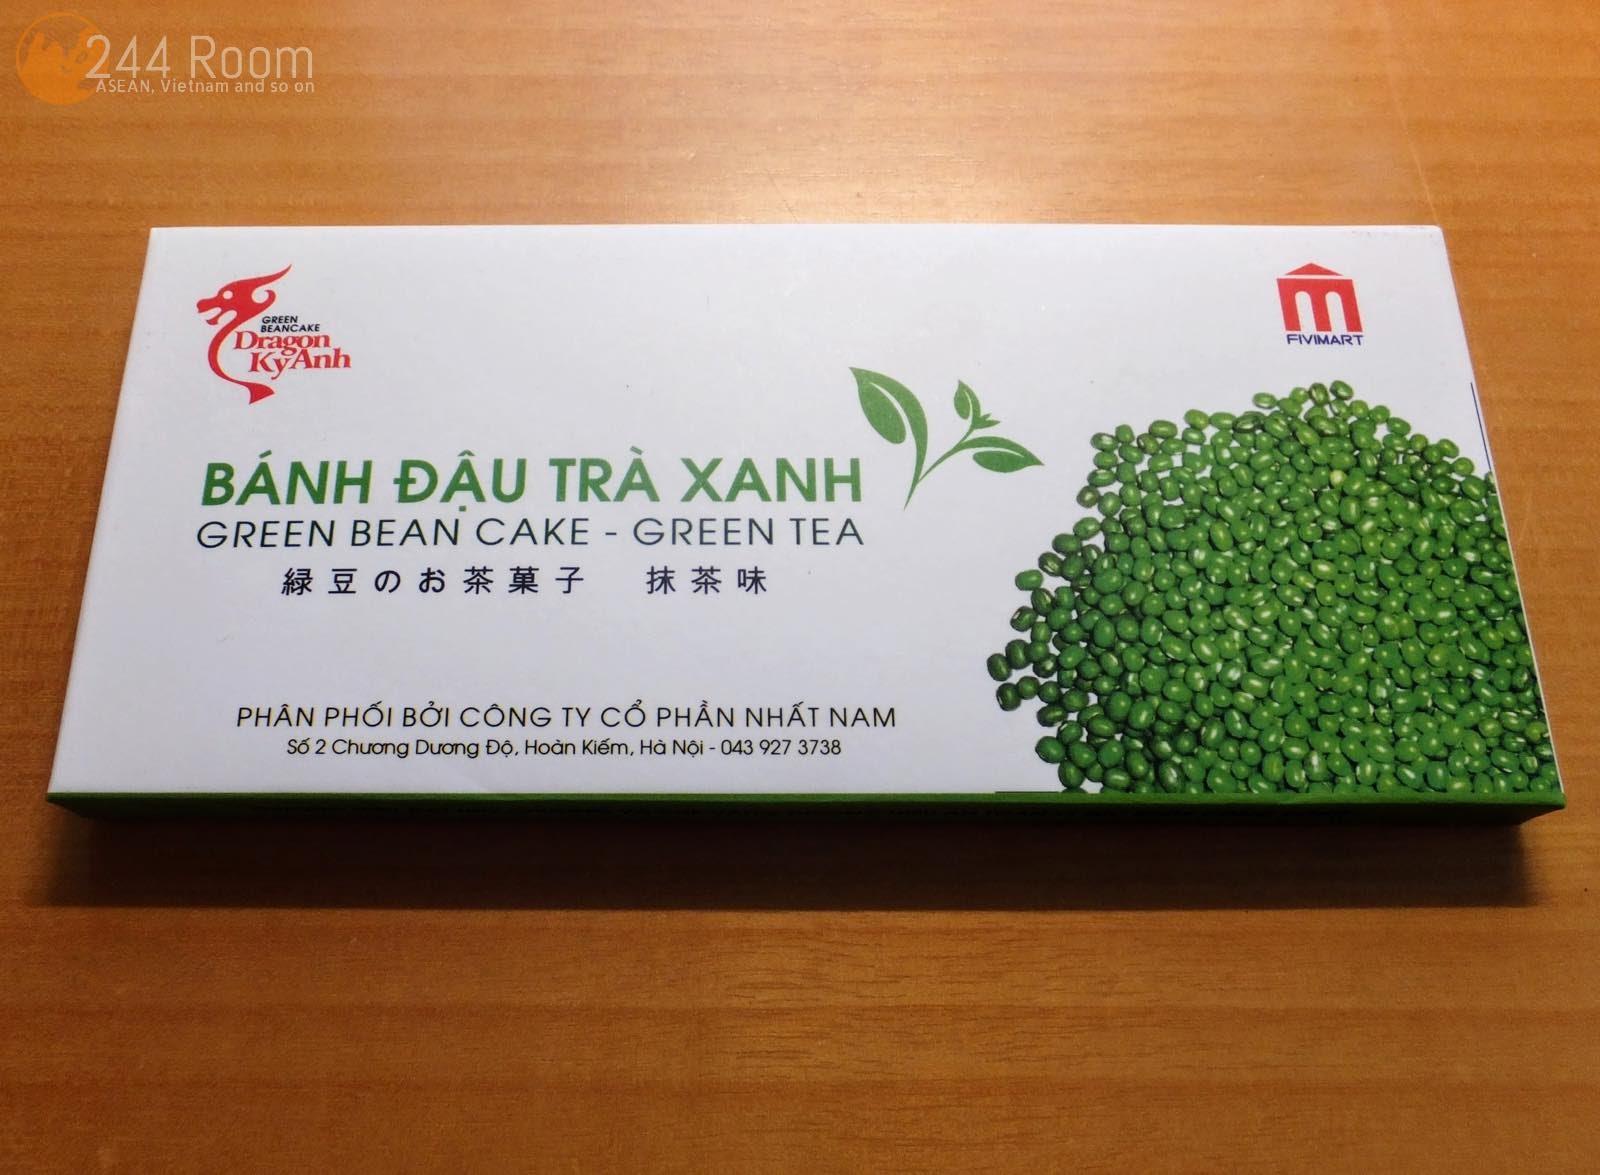 ベトナム緑豆菓子抹茶味 Green bean cake-green tea2